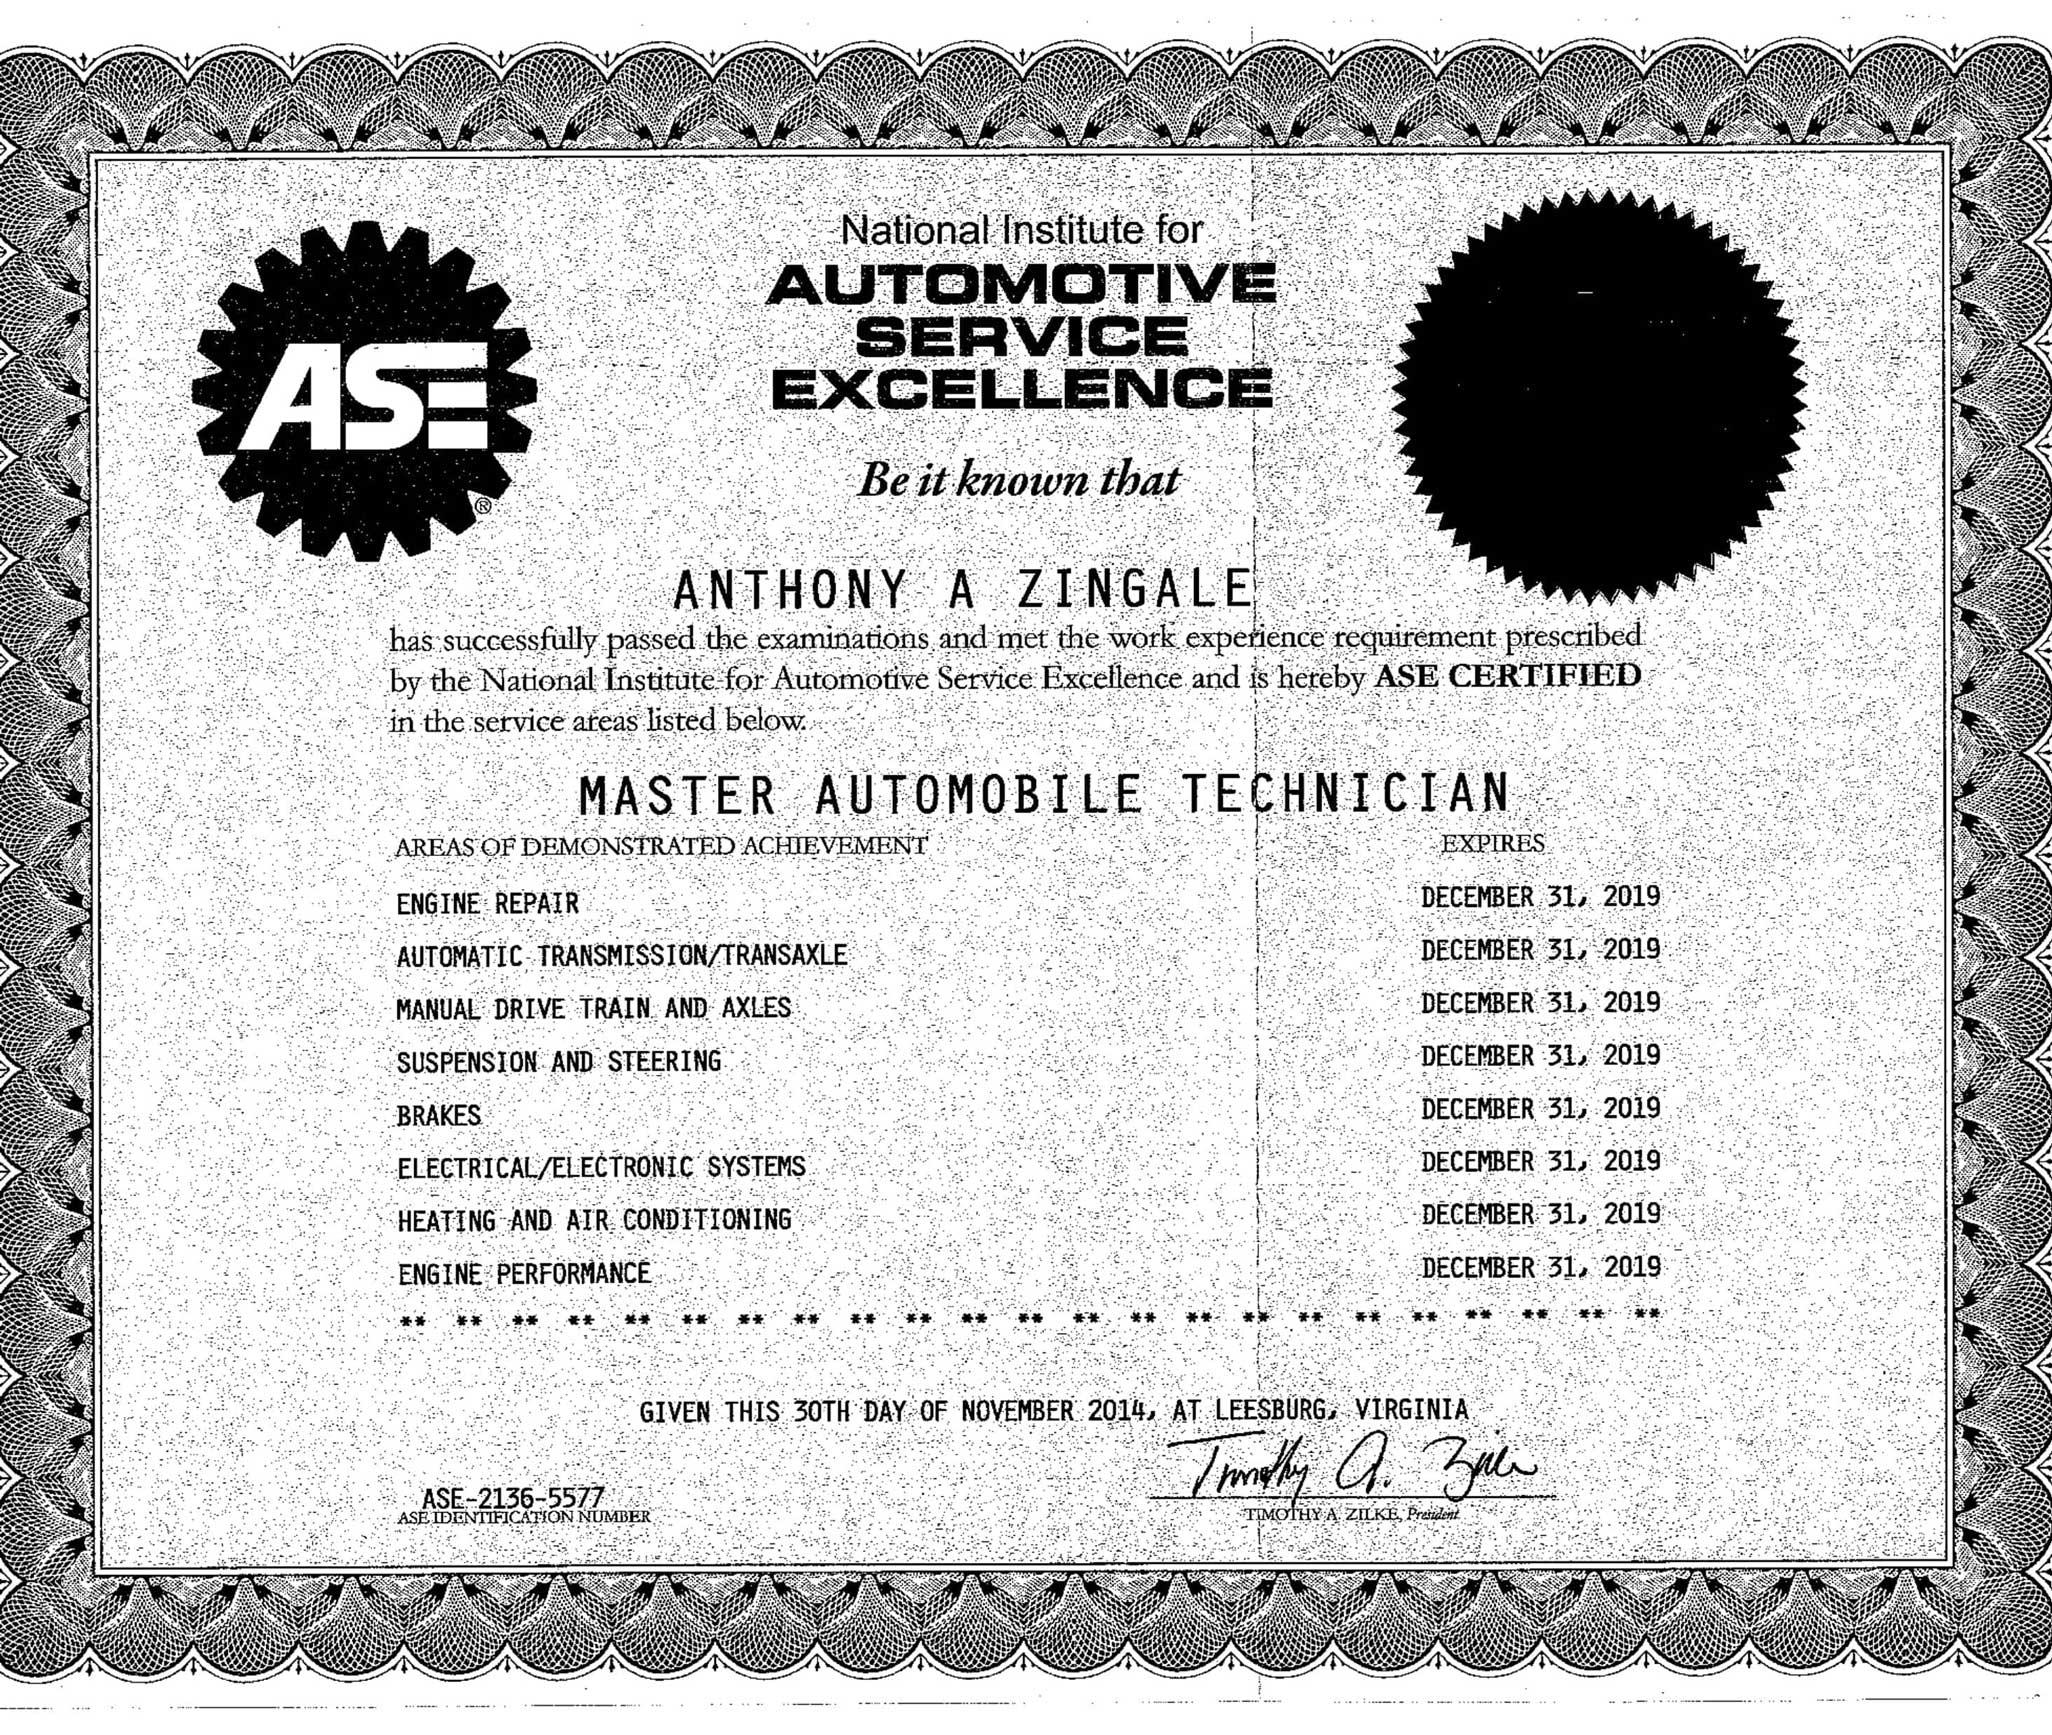 Tony Zingale   ASE Certification